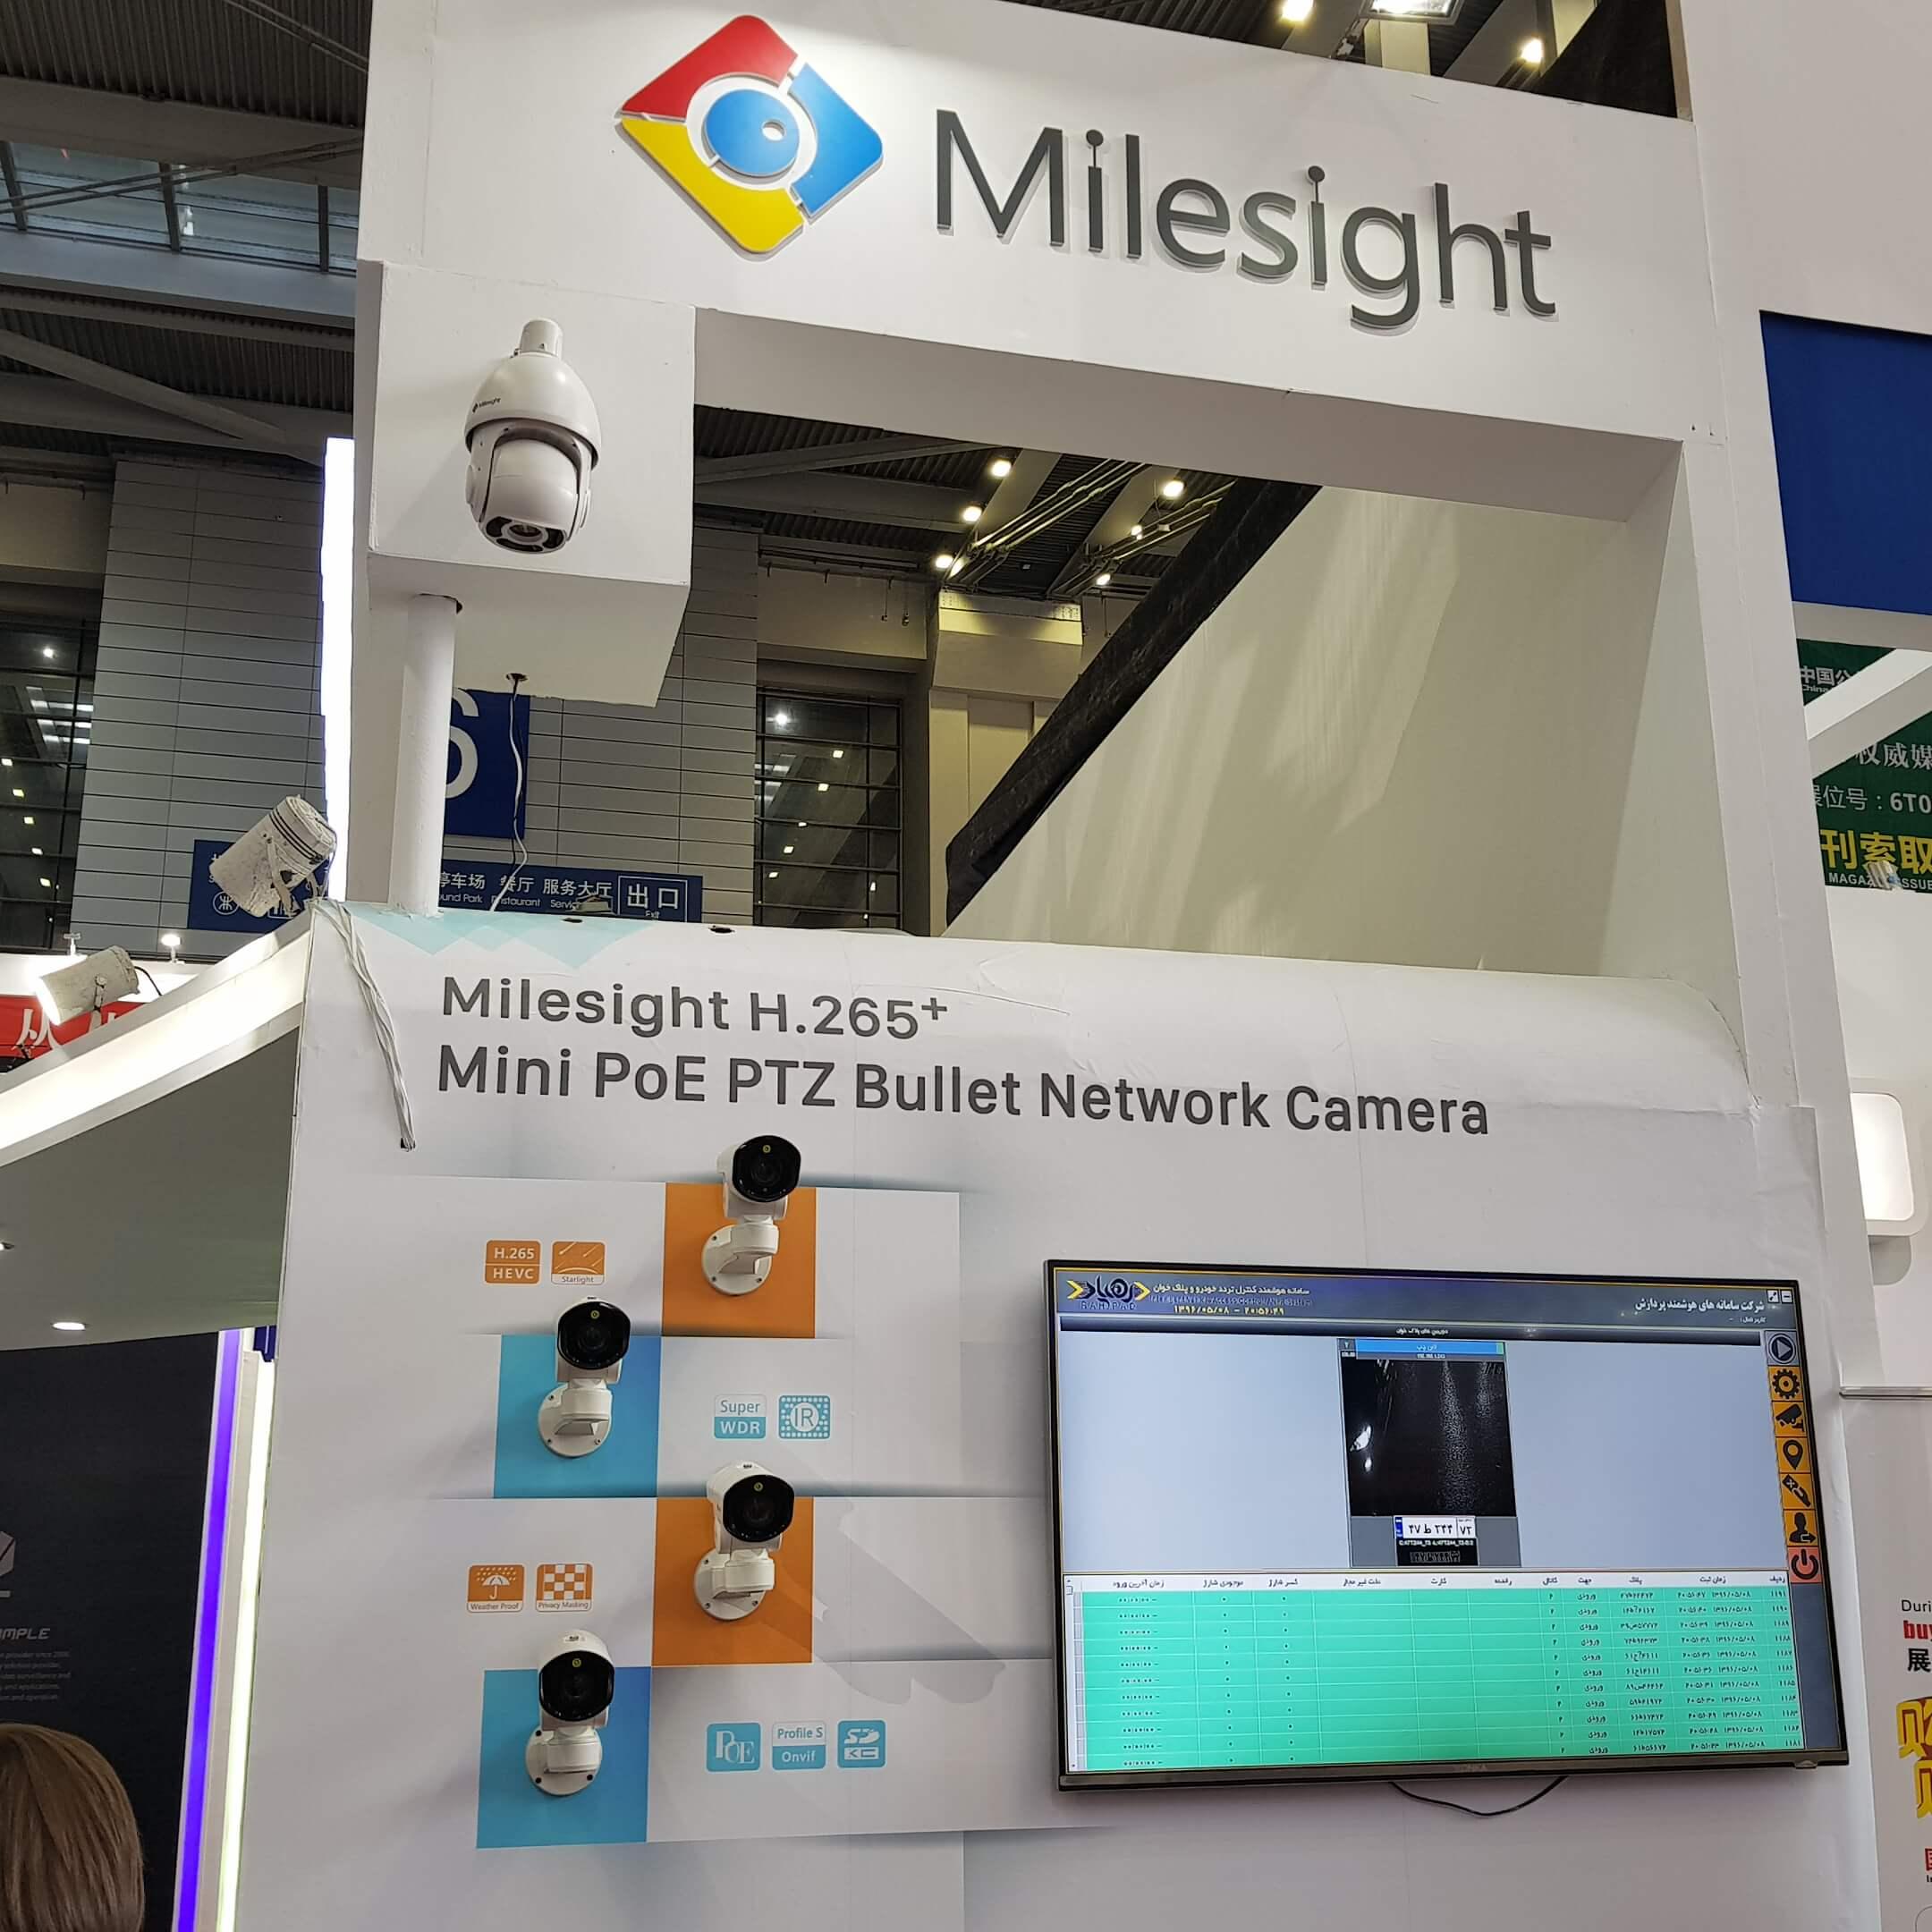 Milesight Head Office